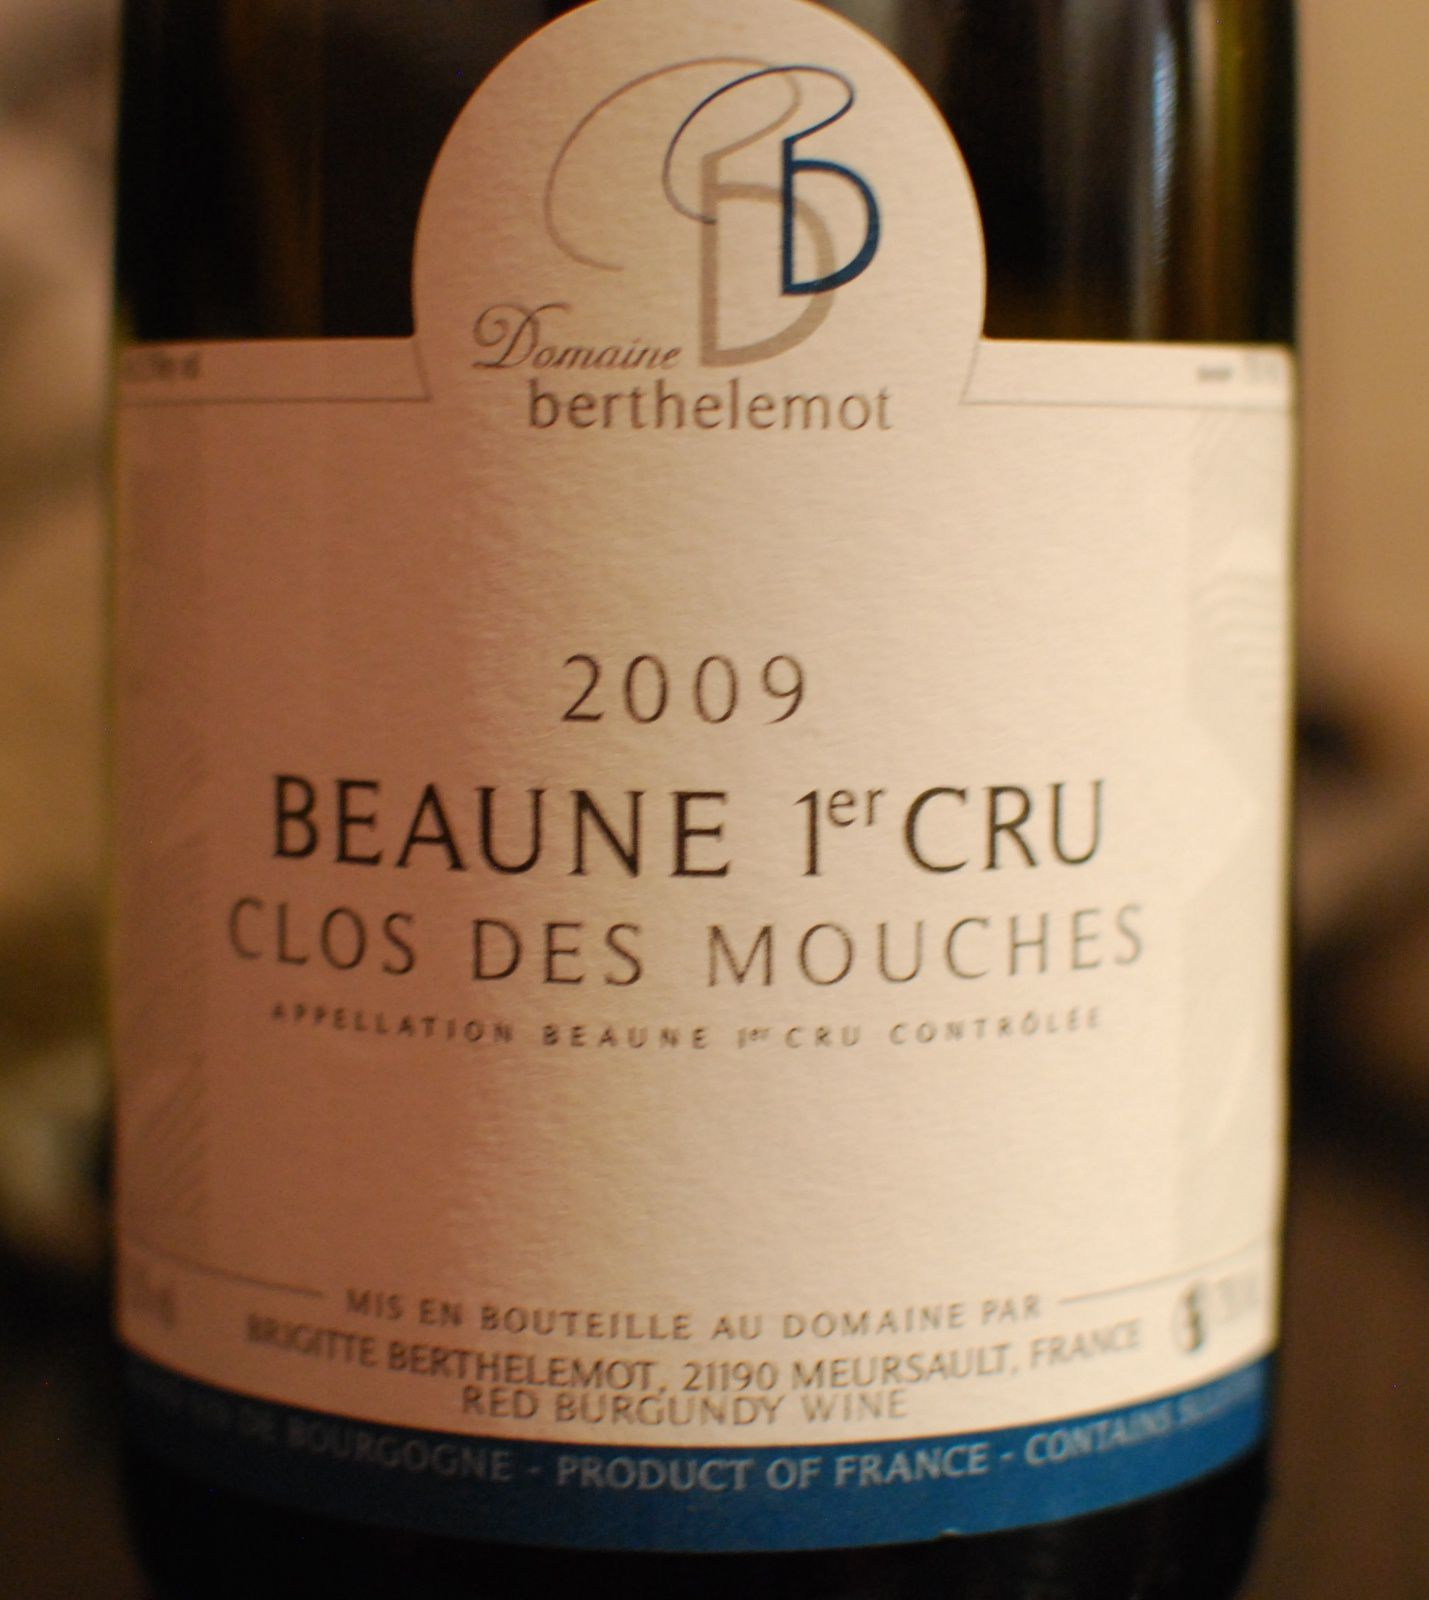 Beaune 1er Cru - Clos des Mouches 2009 - Brigitte Berthelemot